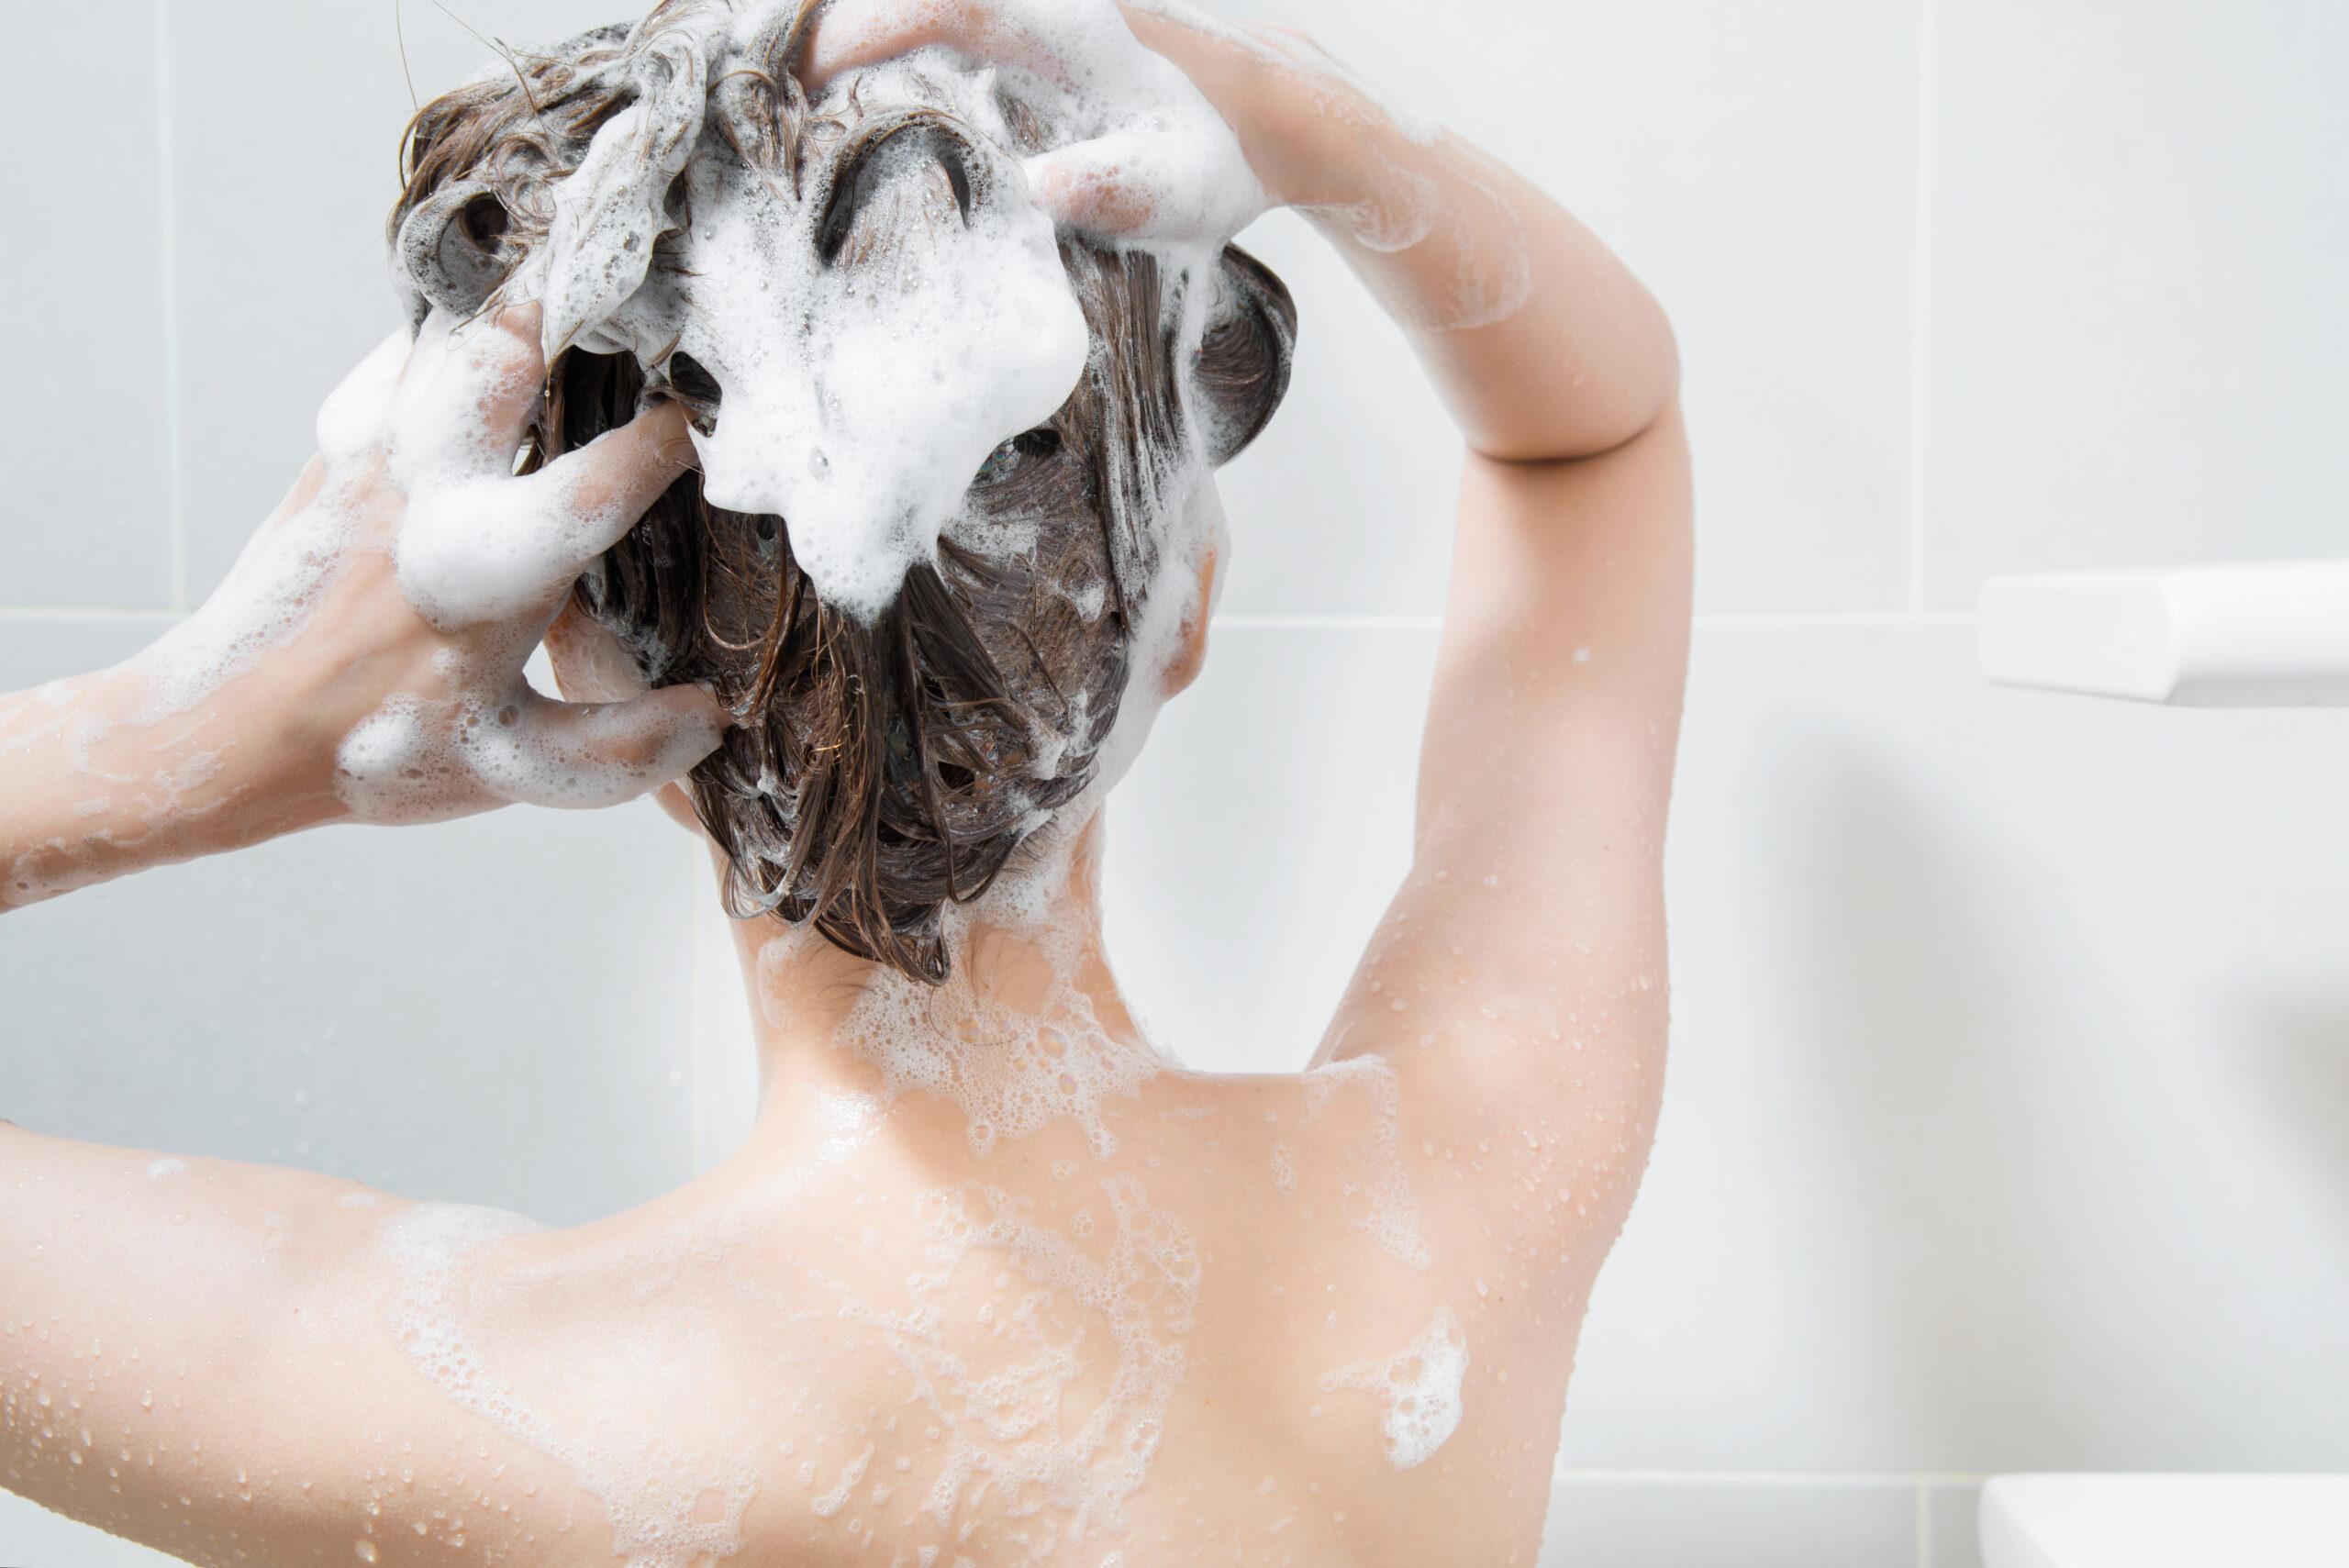 04_髪の毛&身体を洗う